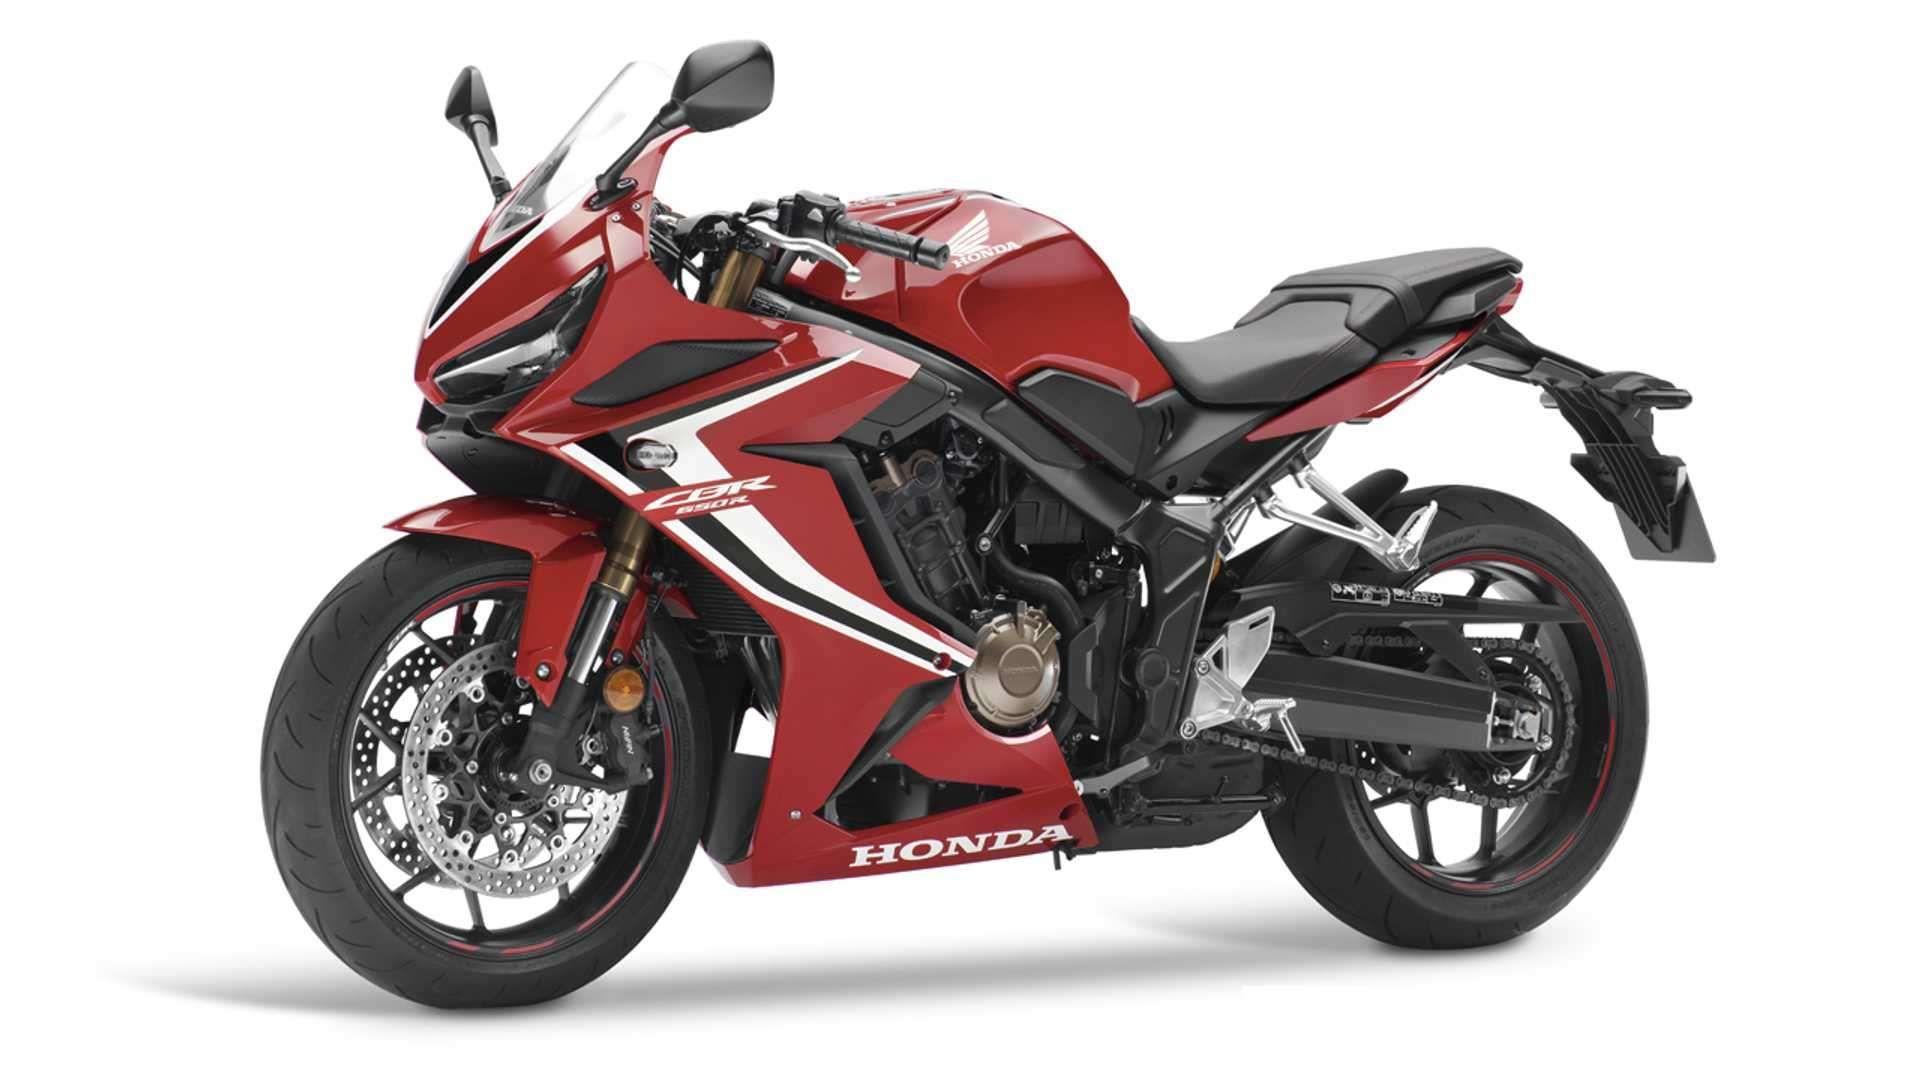 2019 Honda CBR650R Motor